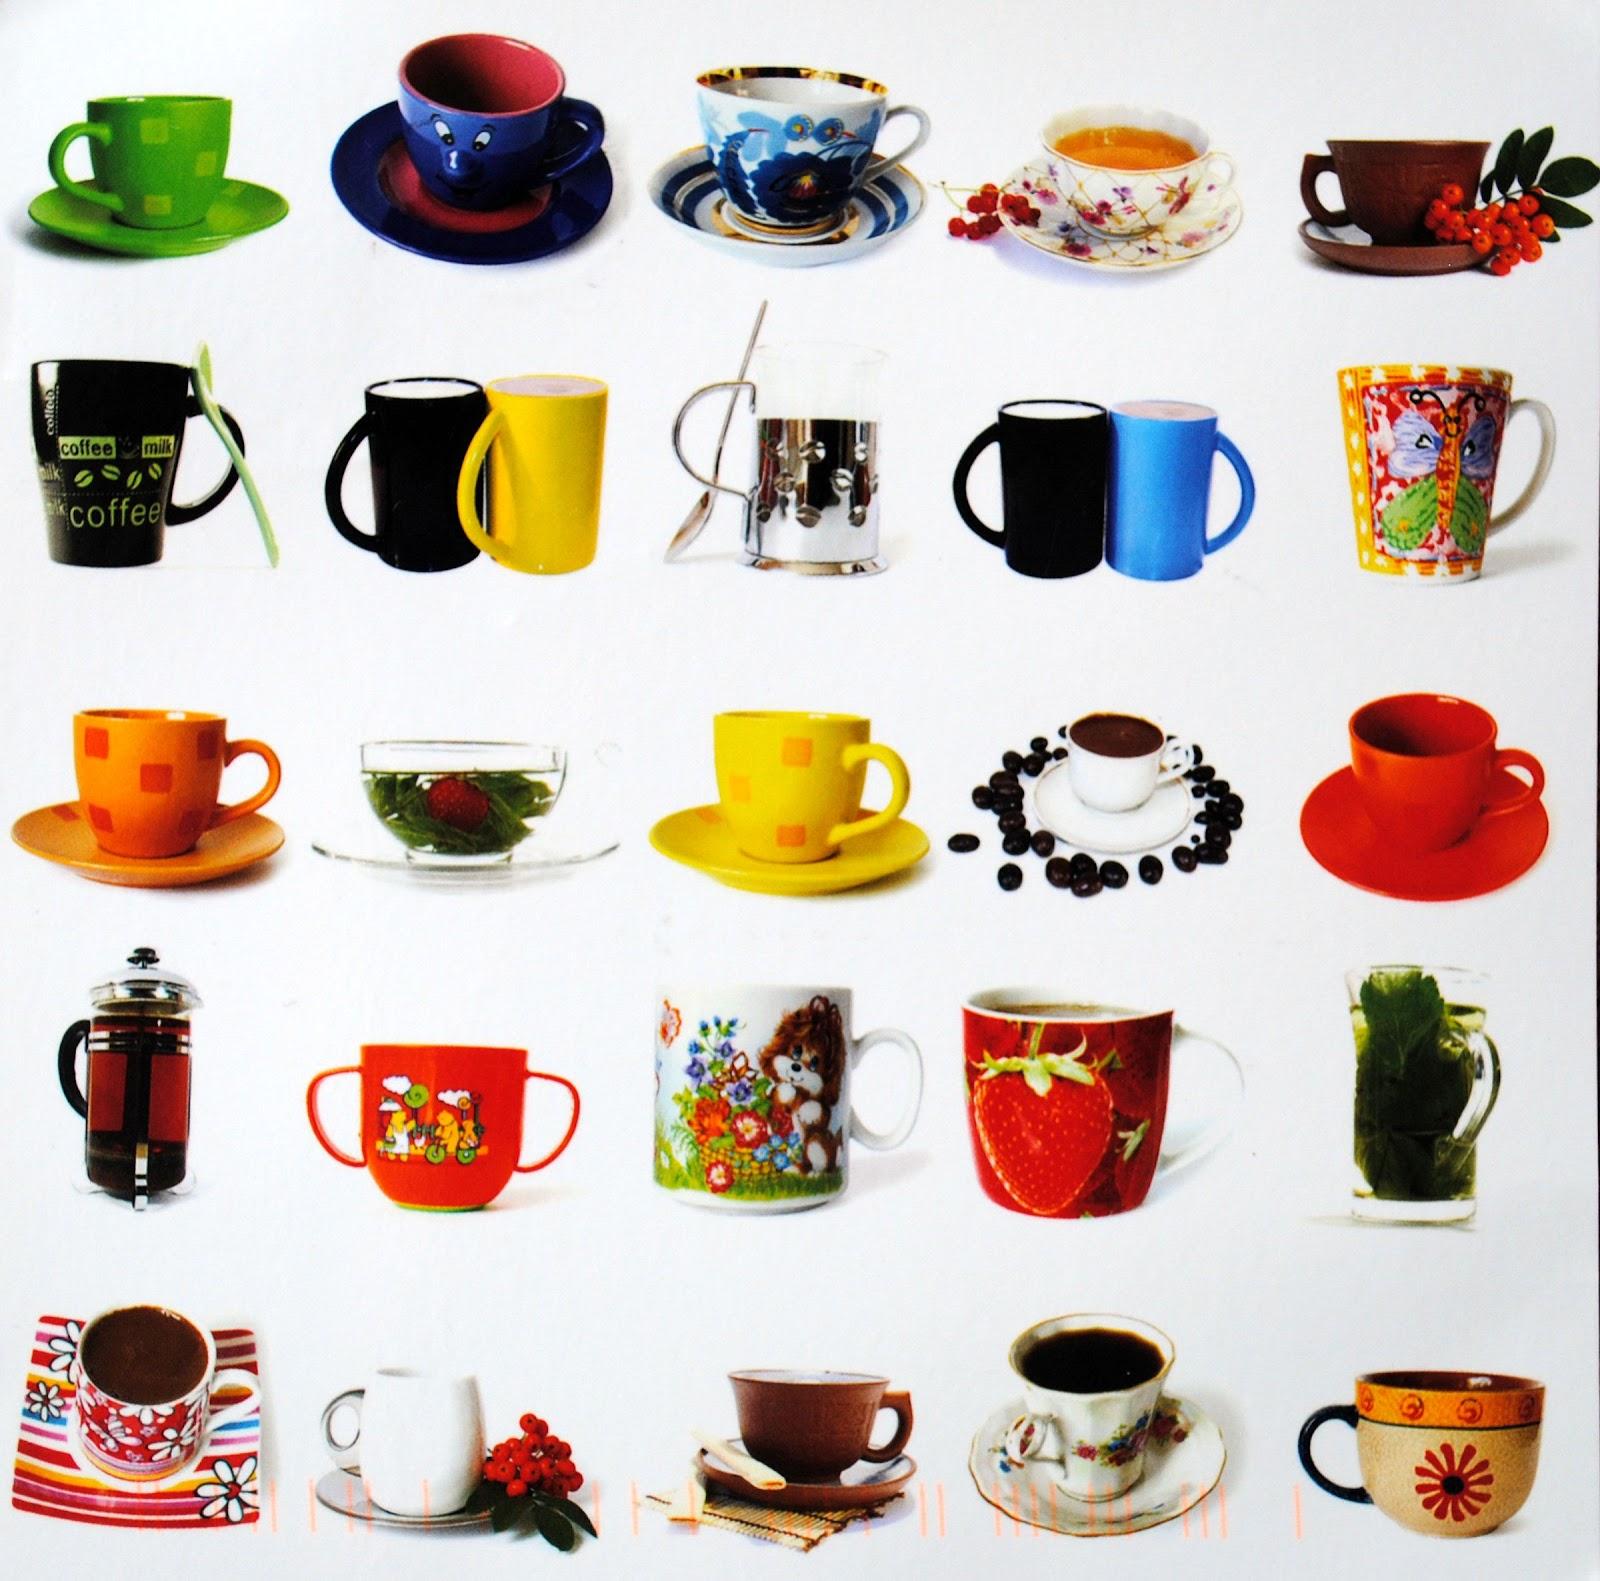 Jakie są pozytywne skutki picia kawy?